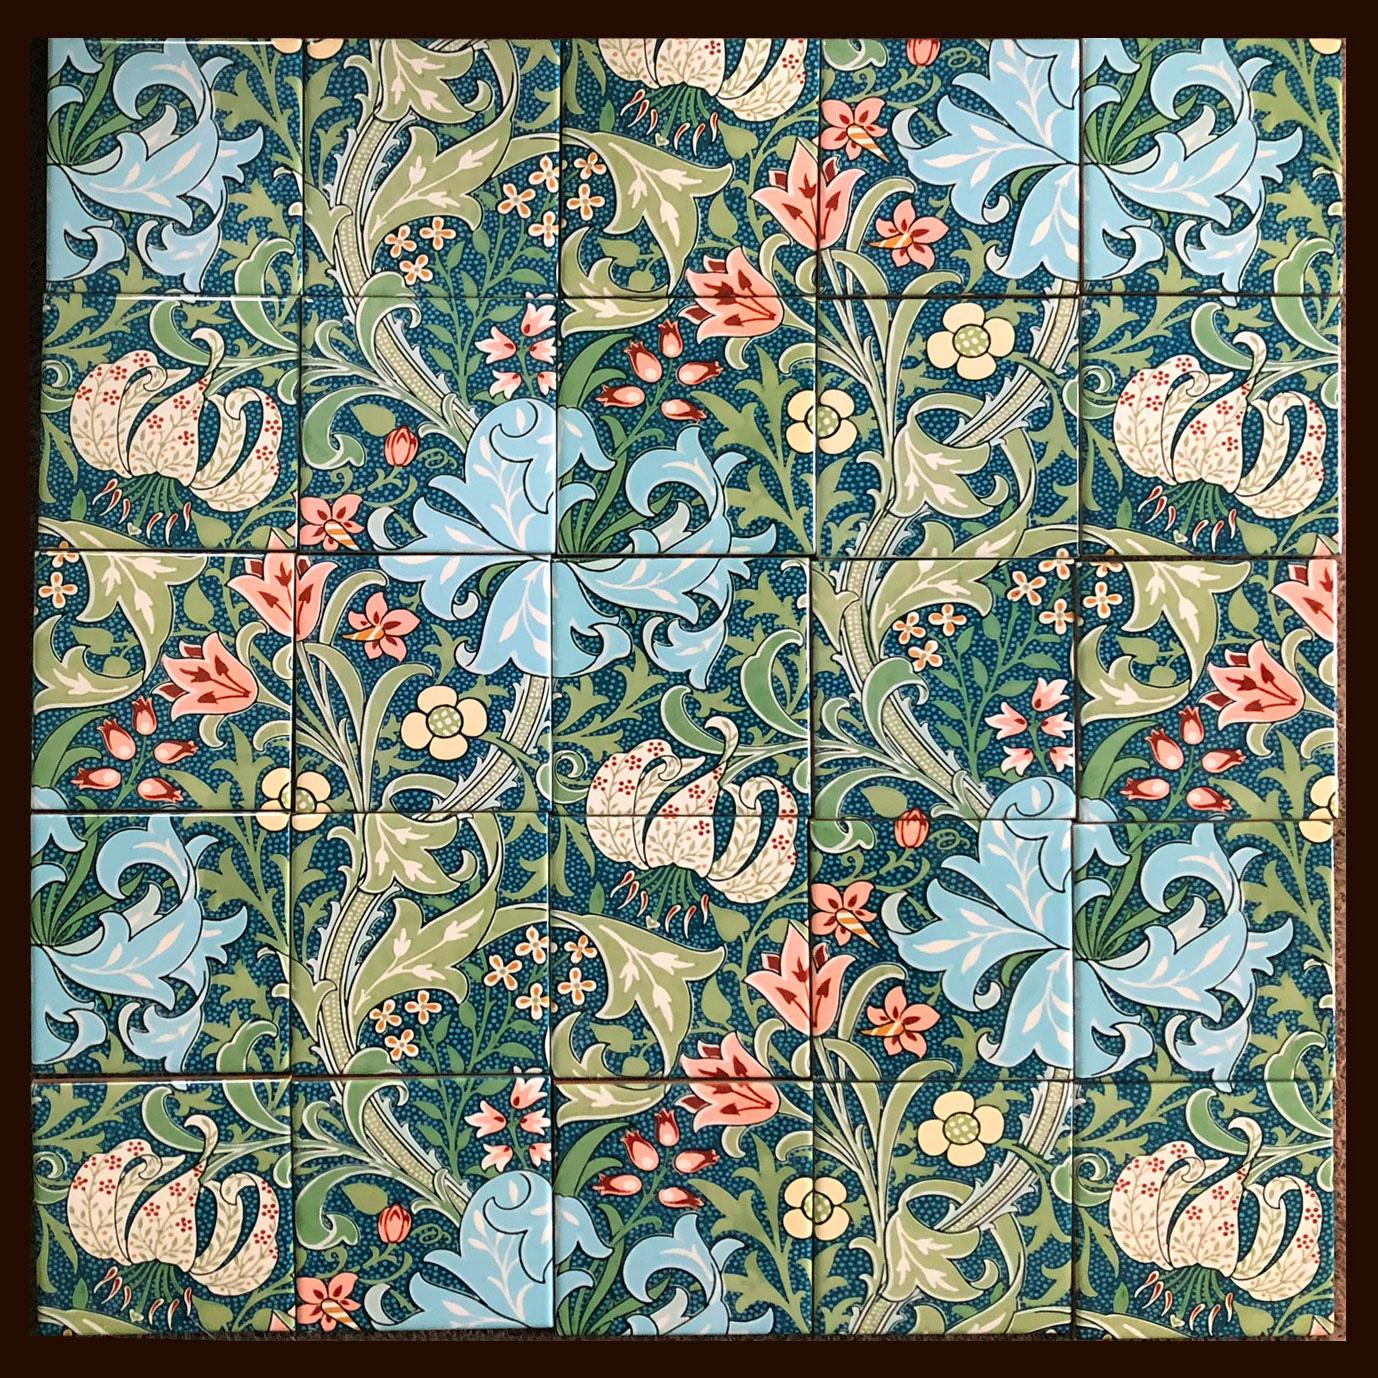 William Morris Tile Golden Lily backsplash, photo